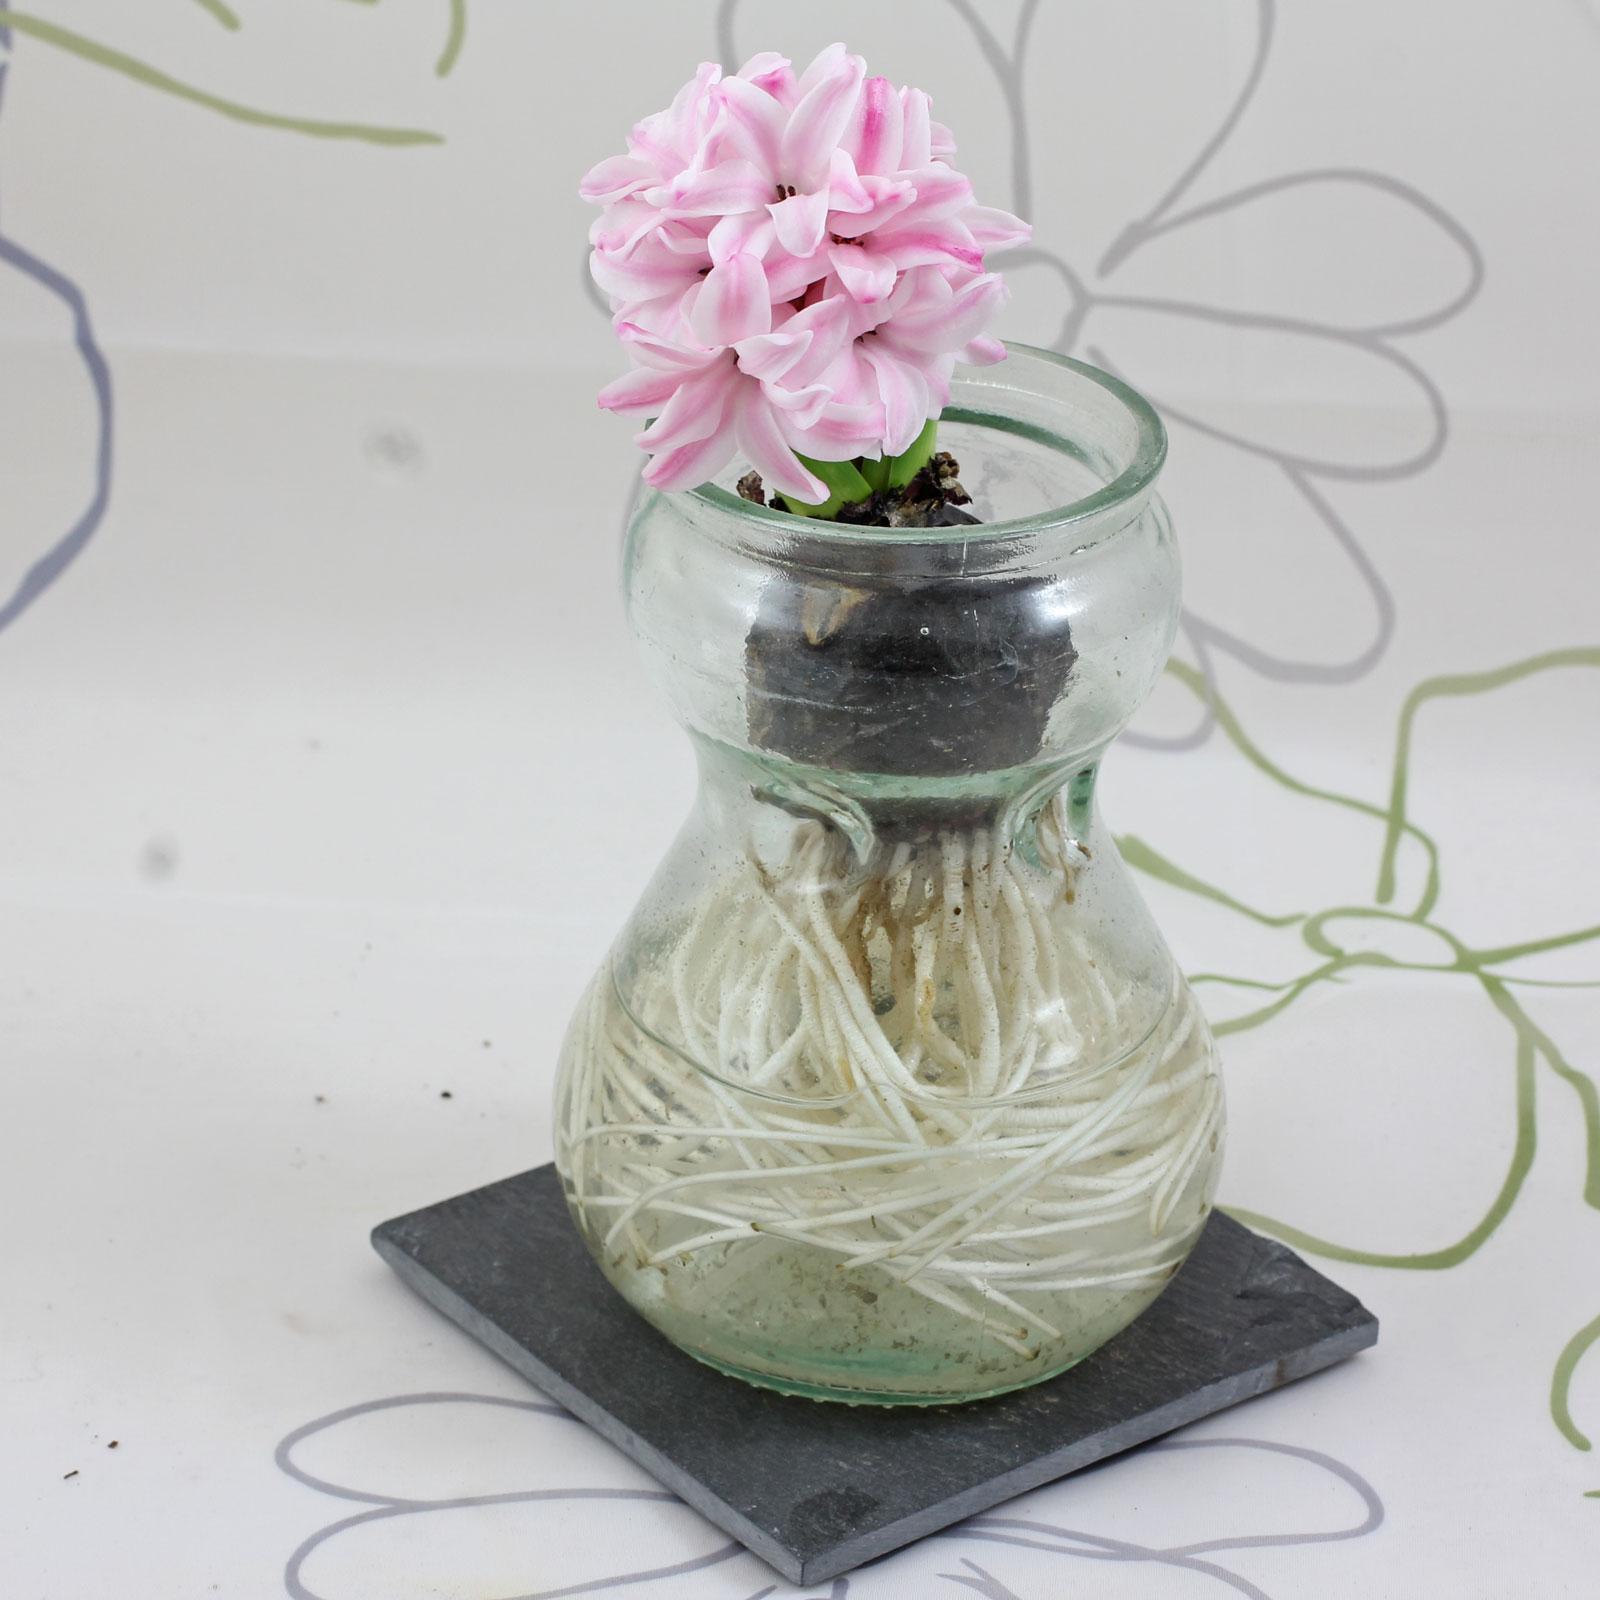 hyazinthe im glas hyazinthen im glas ziehen pflanzen und pflege nach der bl te hyanzinthe im. Black Bedroom Furniture Sets. Home Design Ideas